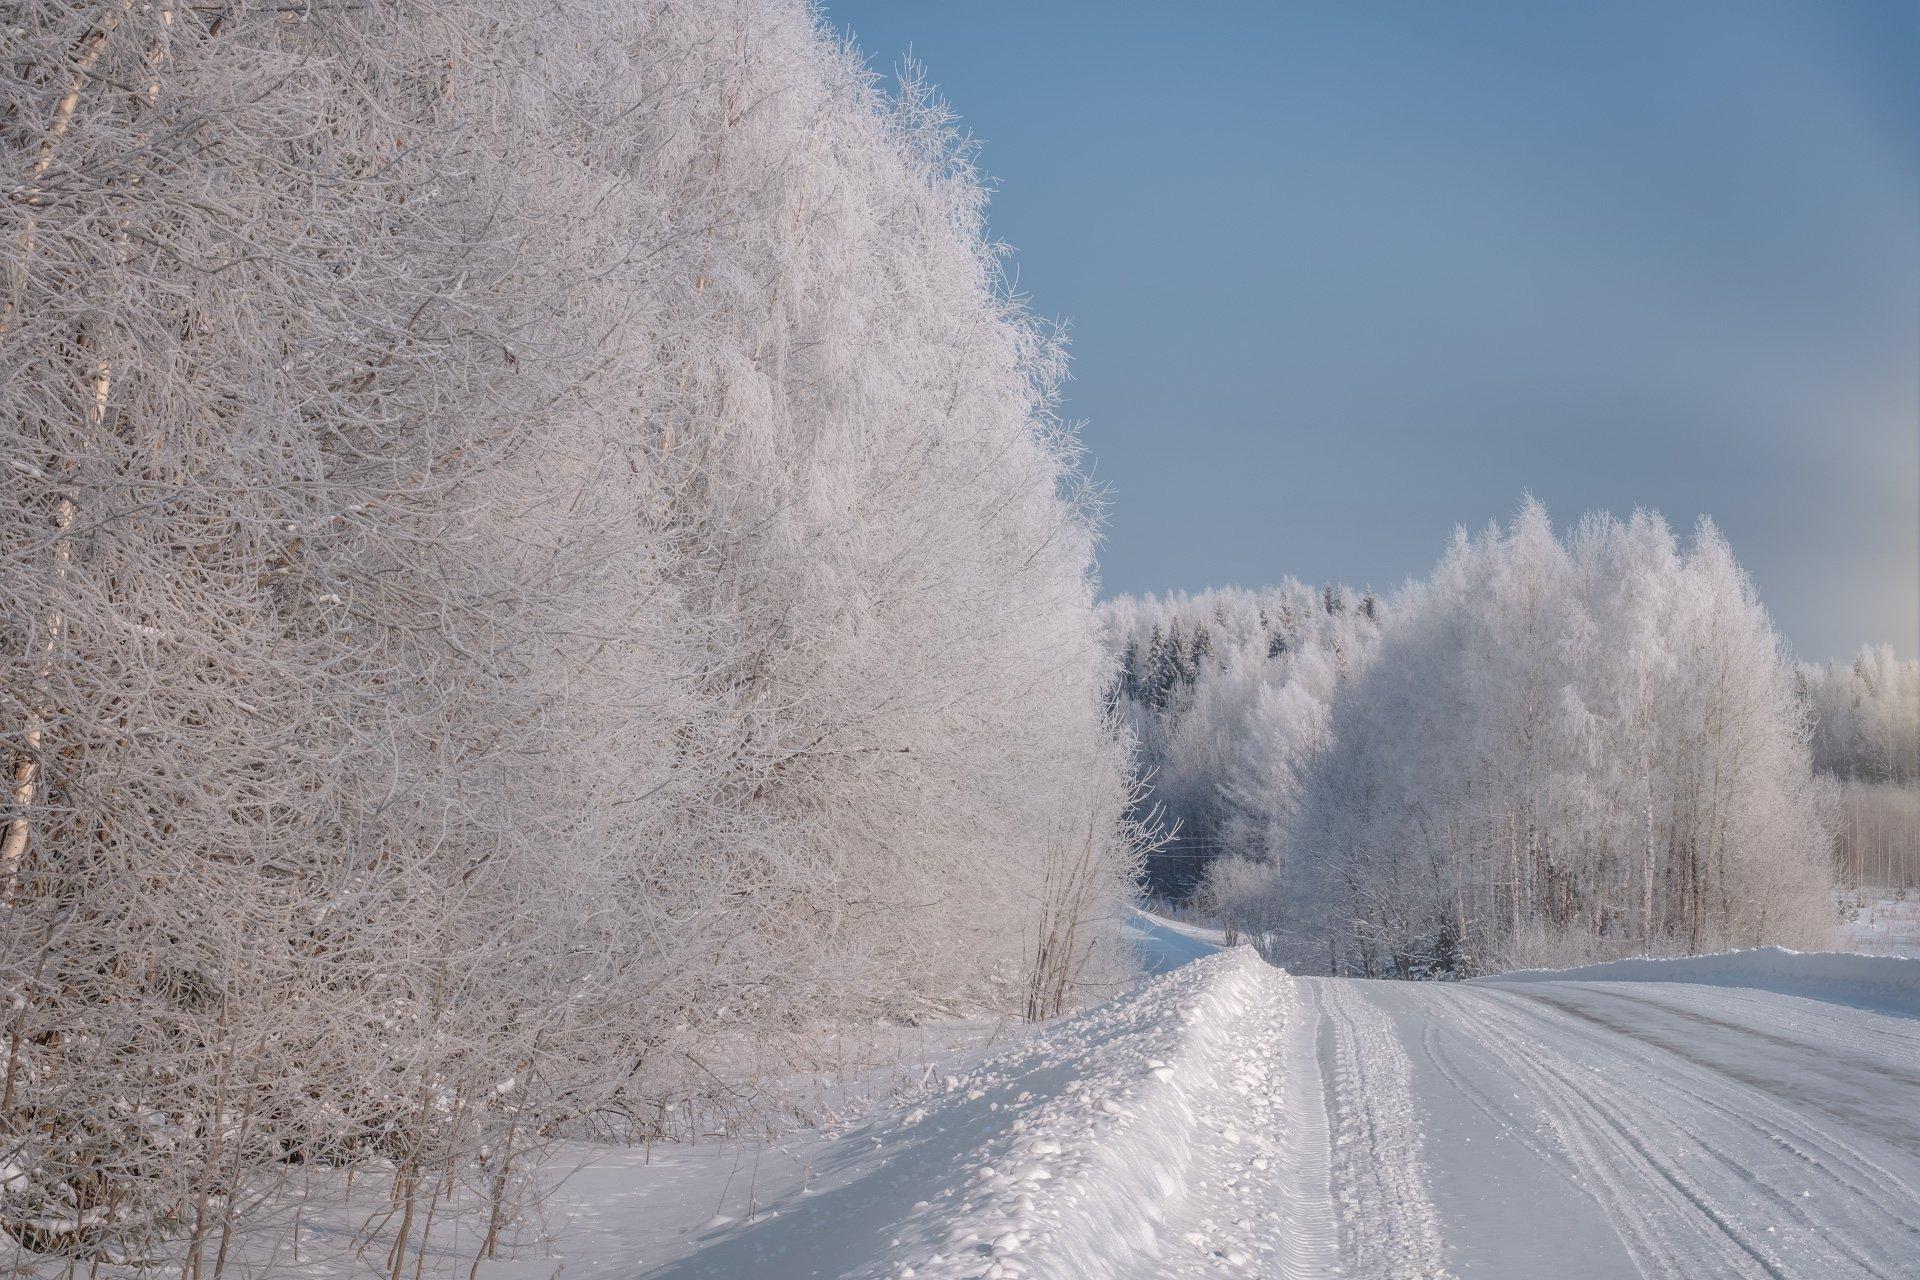 пейзаж, зима, деревья, дорога, снег, свет, солнце, белый, мороз, иней, Андрей Чиж